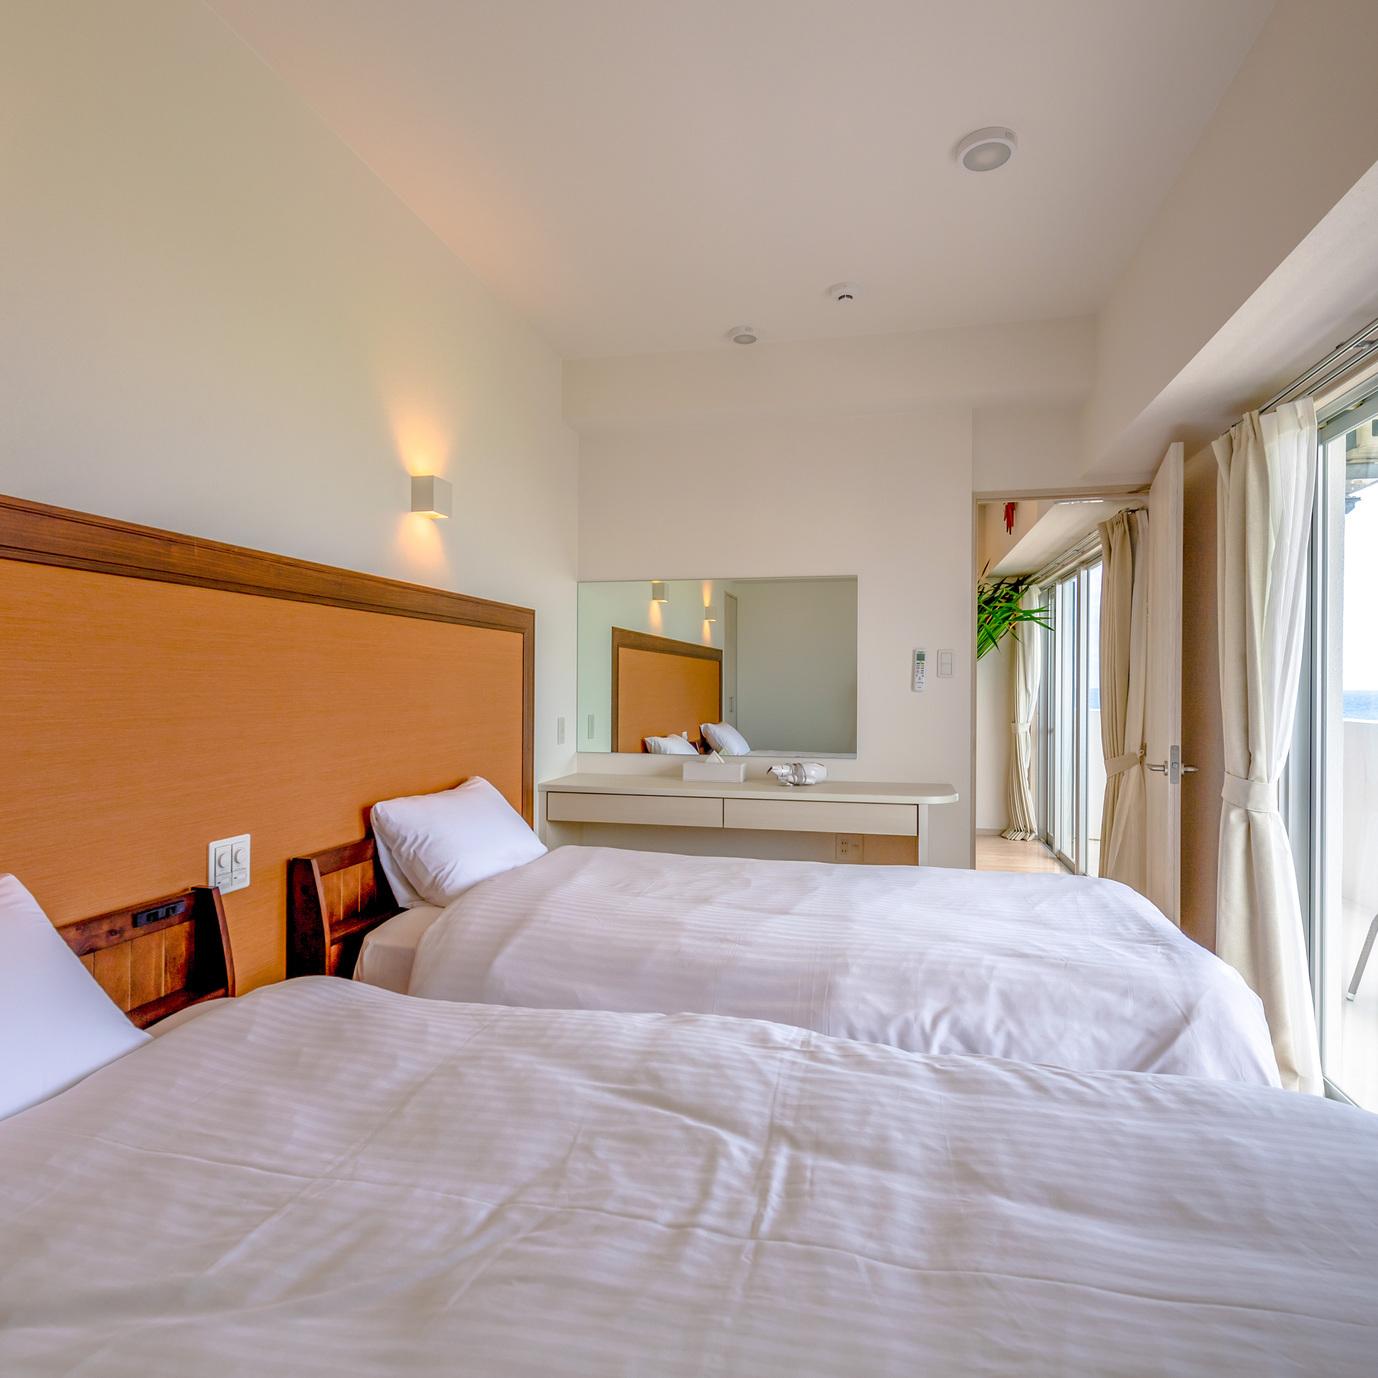 MINATO Chatan Seaside Condominium / 【宿カリ14】 癒しの島☆☆沖縄を楽しむ休日!《素泊り》